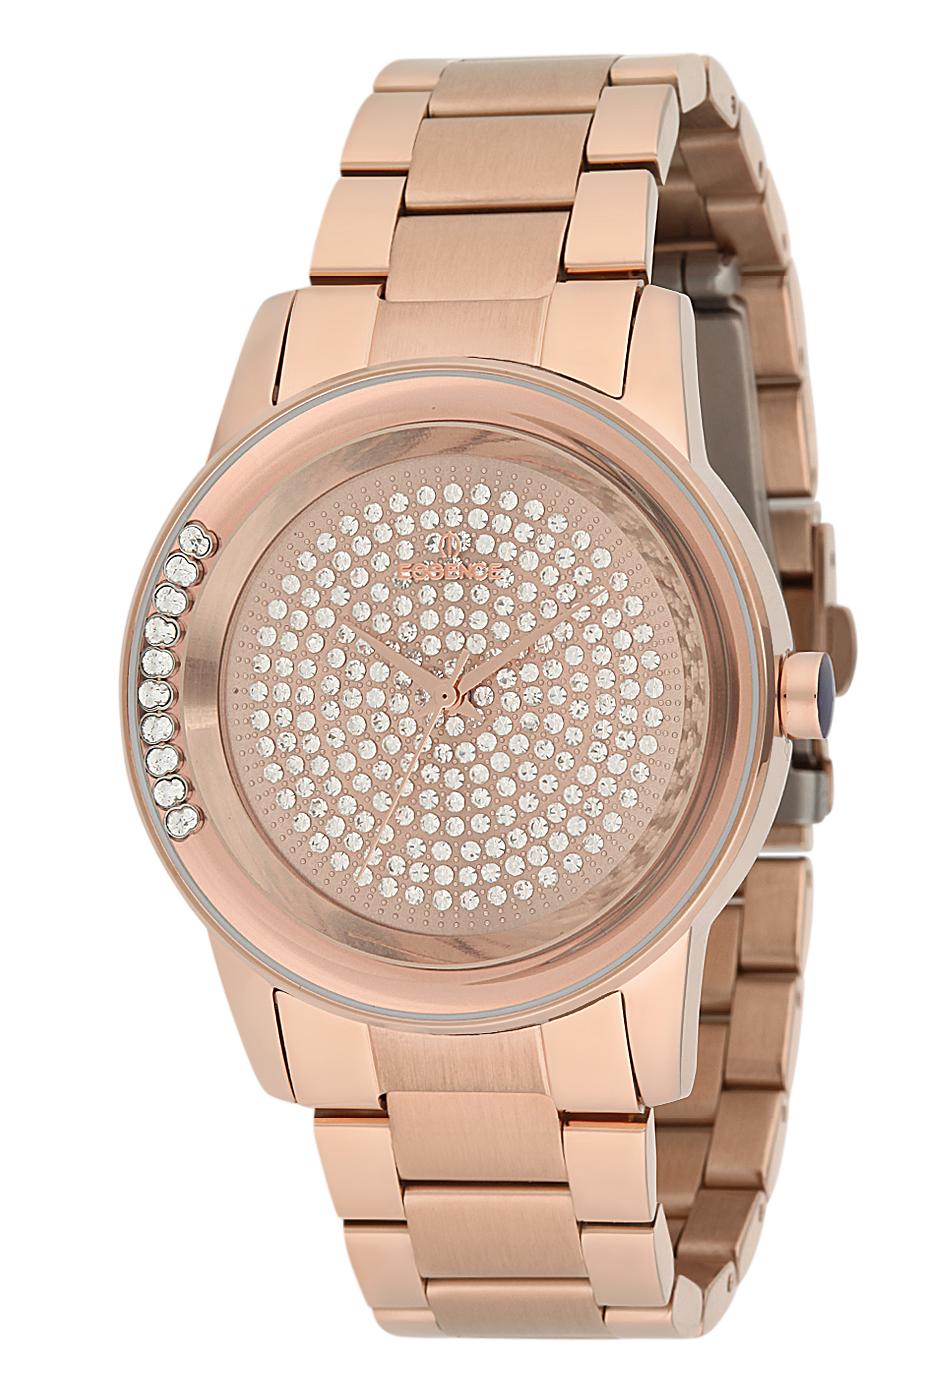 Наручные часы Essence ES6385FE.410 essence es6385fe 130